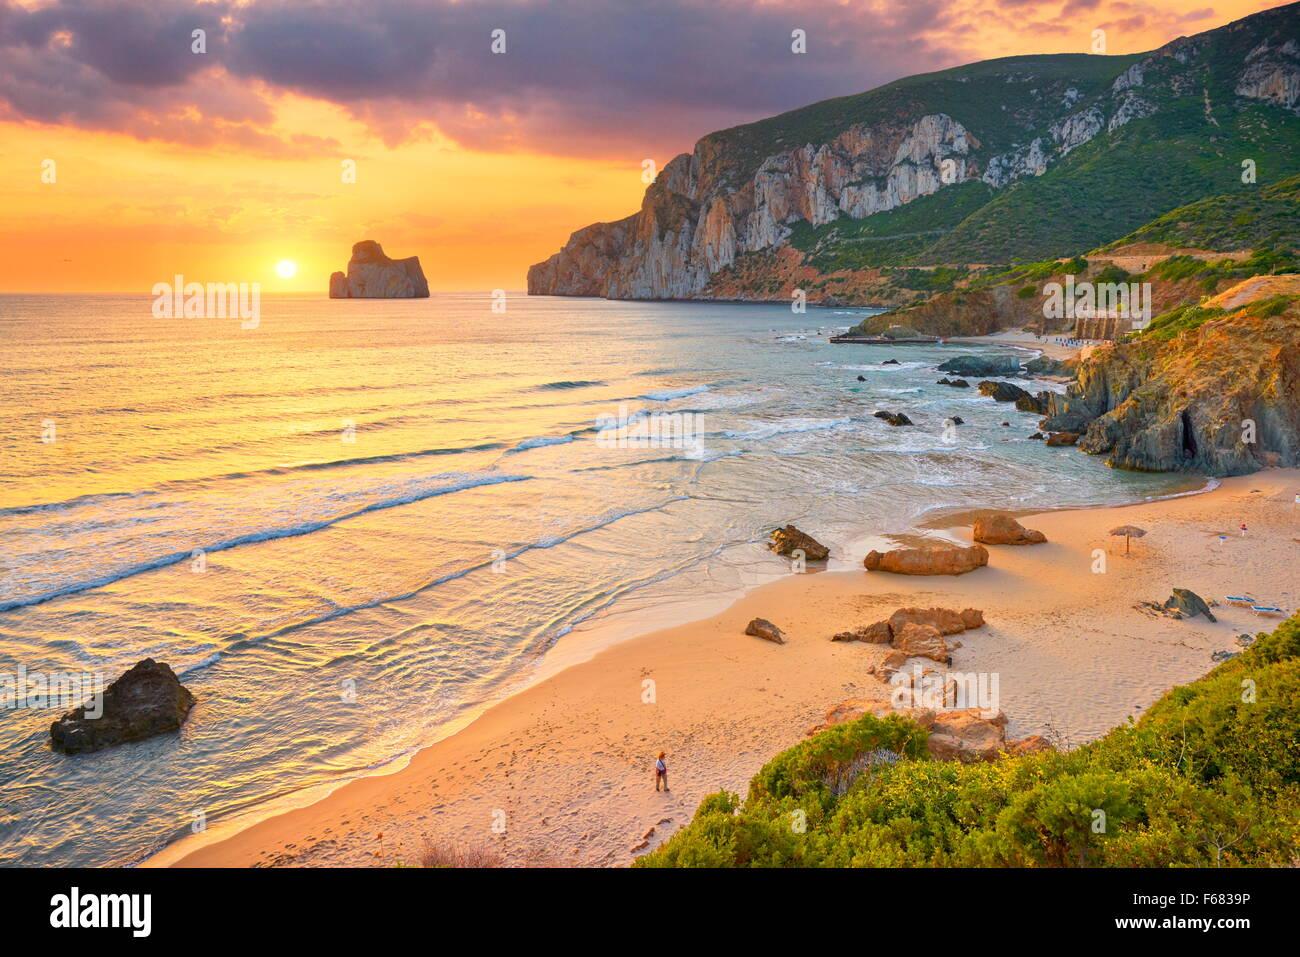 Pan di Zucchero durante la puesta de sol, playa Masua, Cerdeña, Italia Imagen De Stock